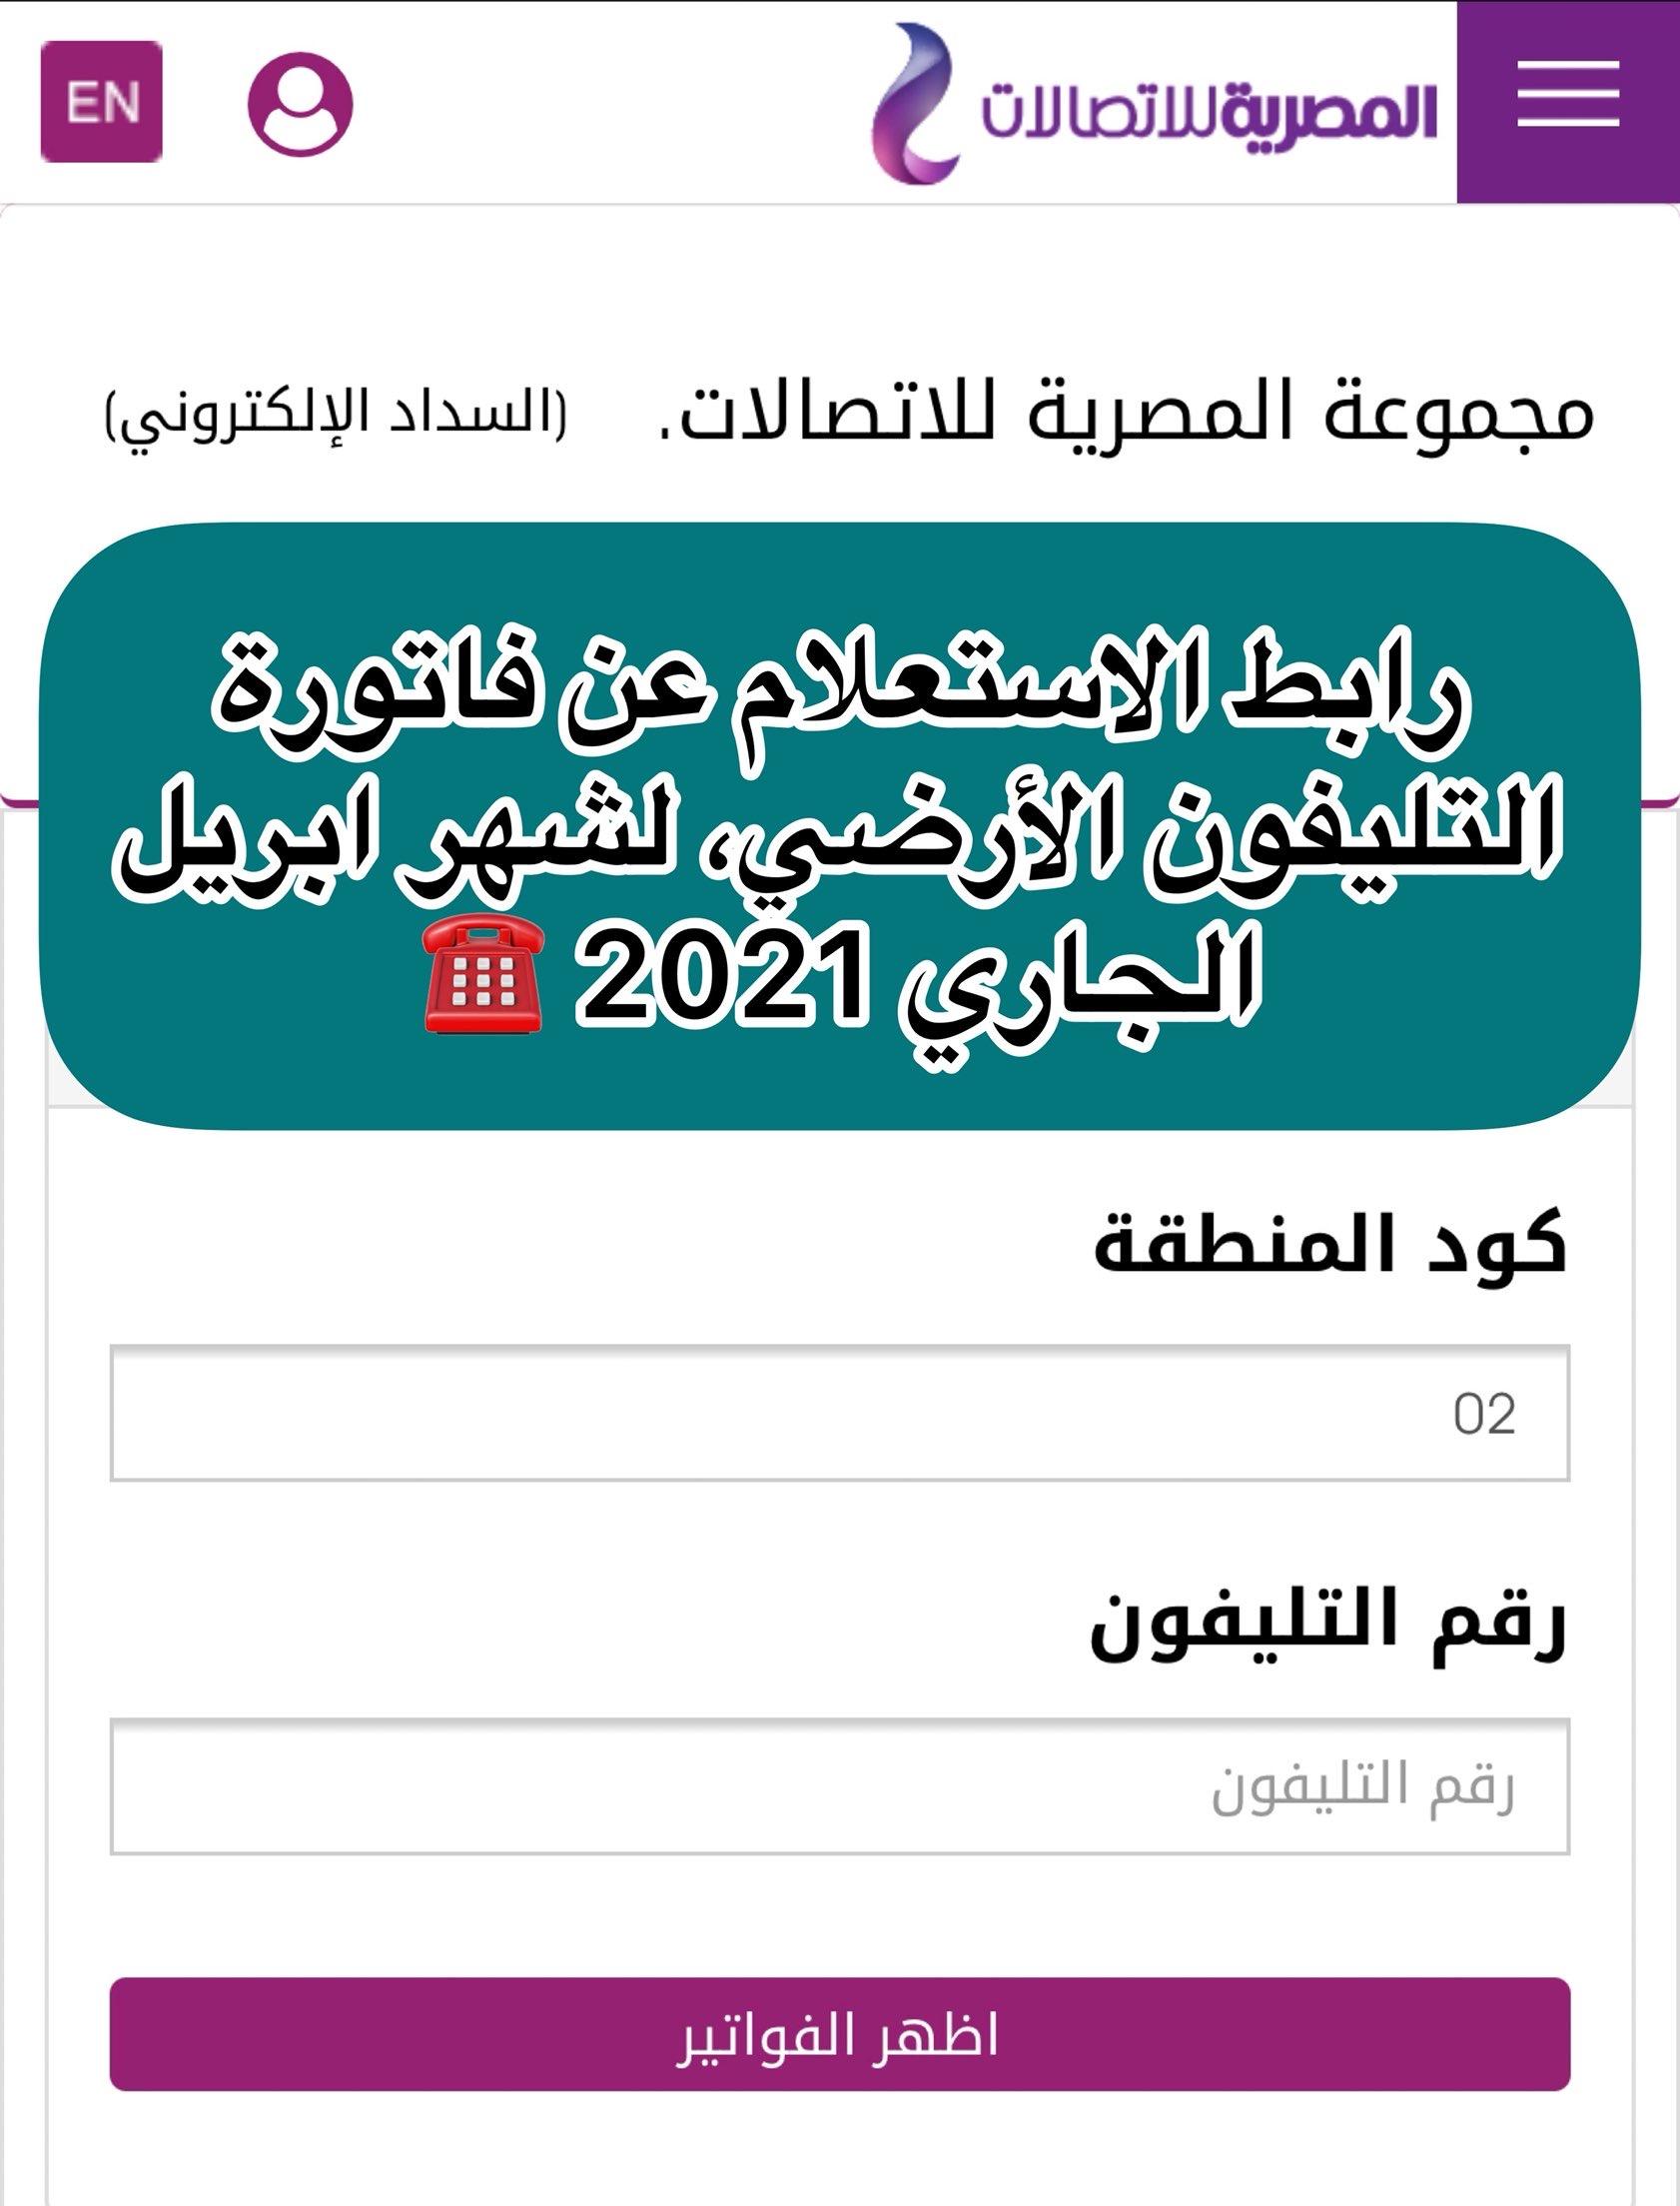 رابط الاستعلام عن فاتورة التليفون الأرضي وطرق الدفع الإليكتروني 2021